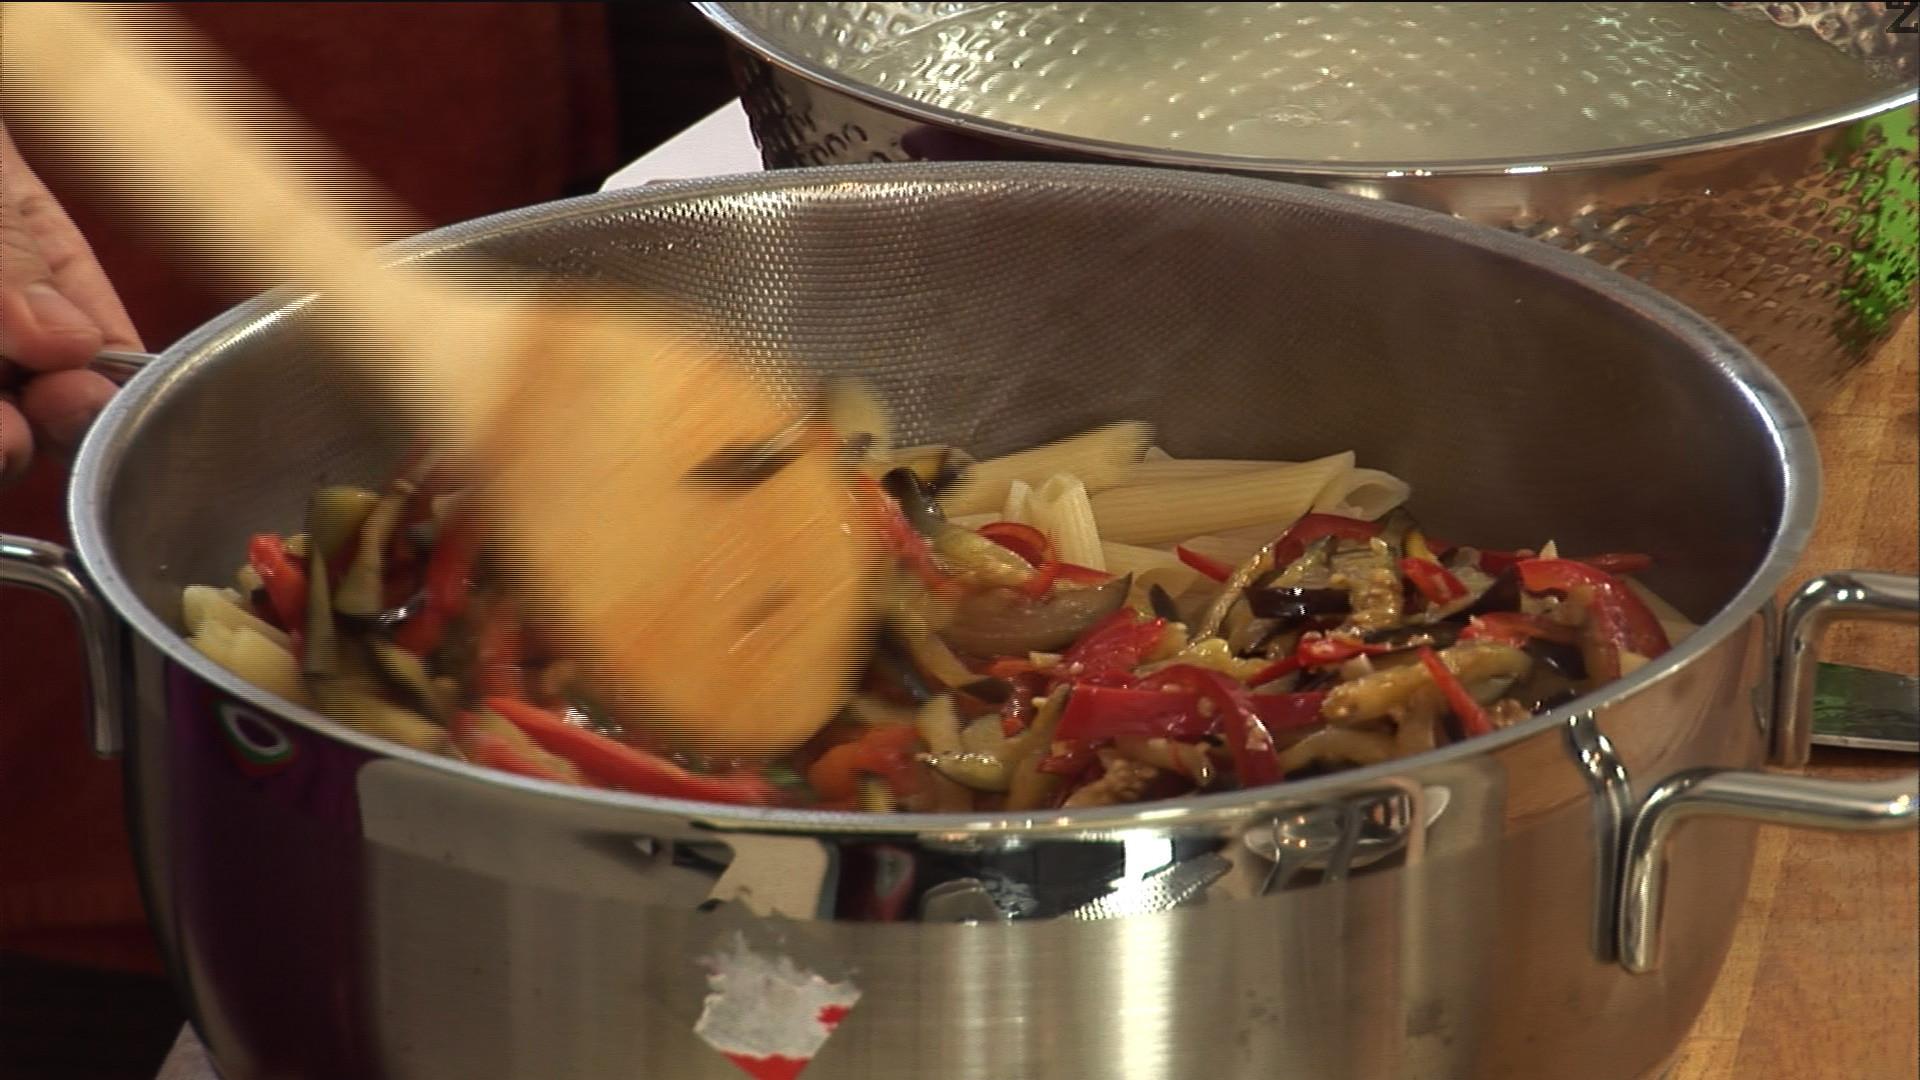 Отцеждаме пастата и към нея прибавяме 1 черпак от бульона, в който е варена, добавяме доматите ,и останалите зеленчуци, отгоре- бекона ,и настъргваме пармезан/ сирене грана падано.